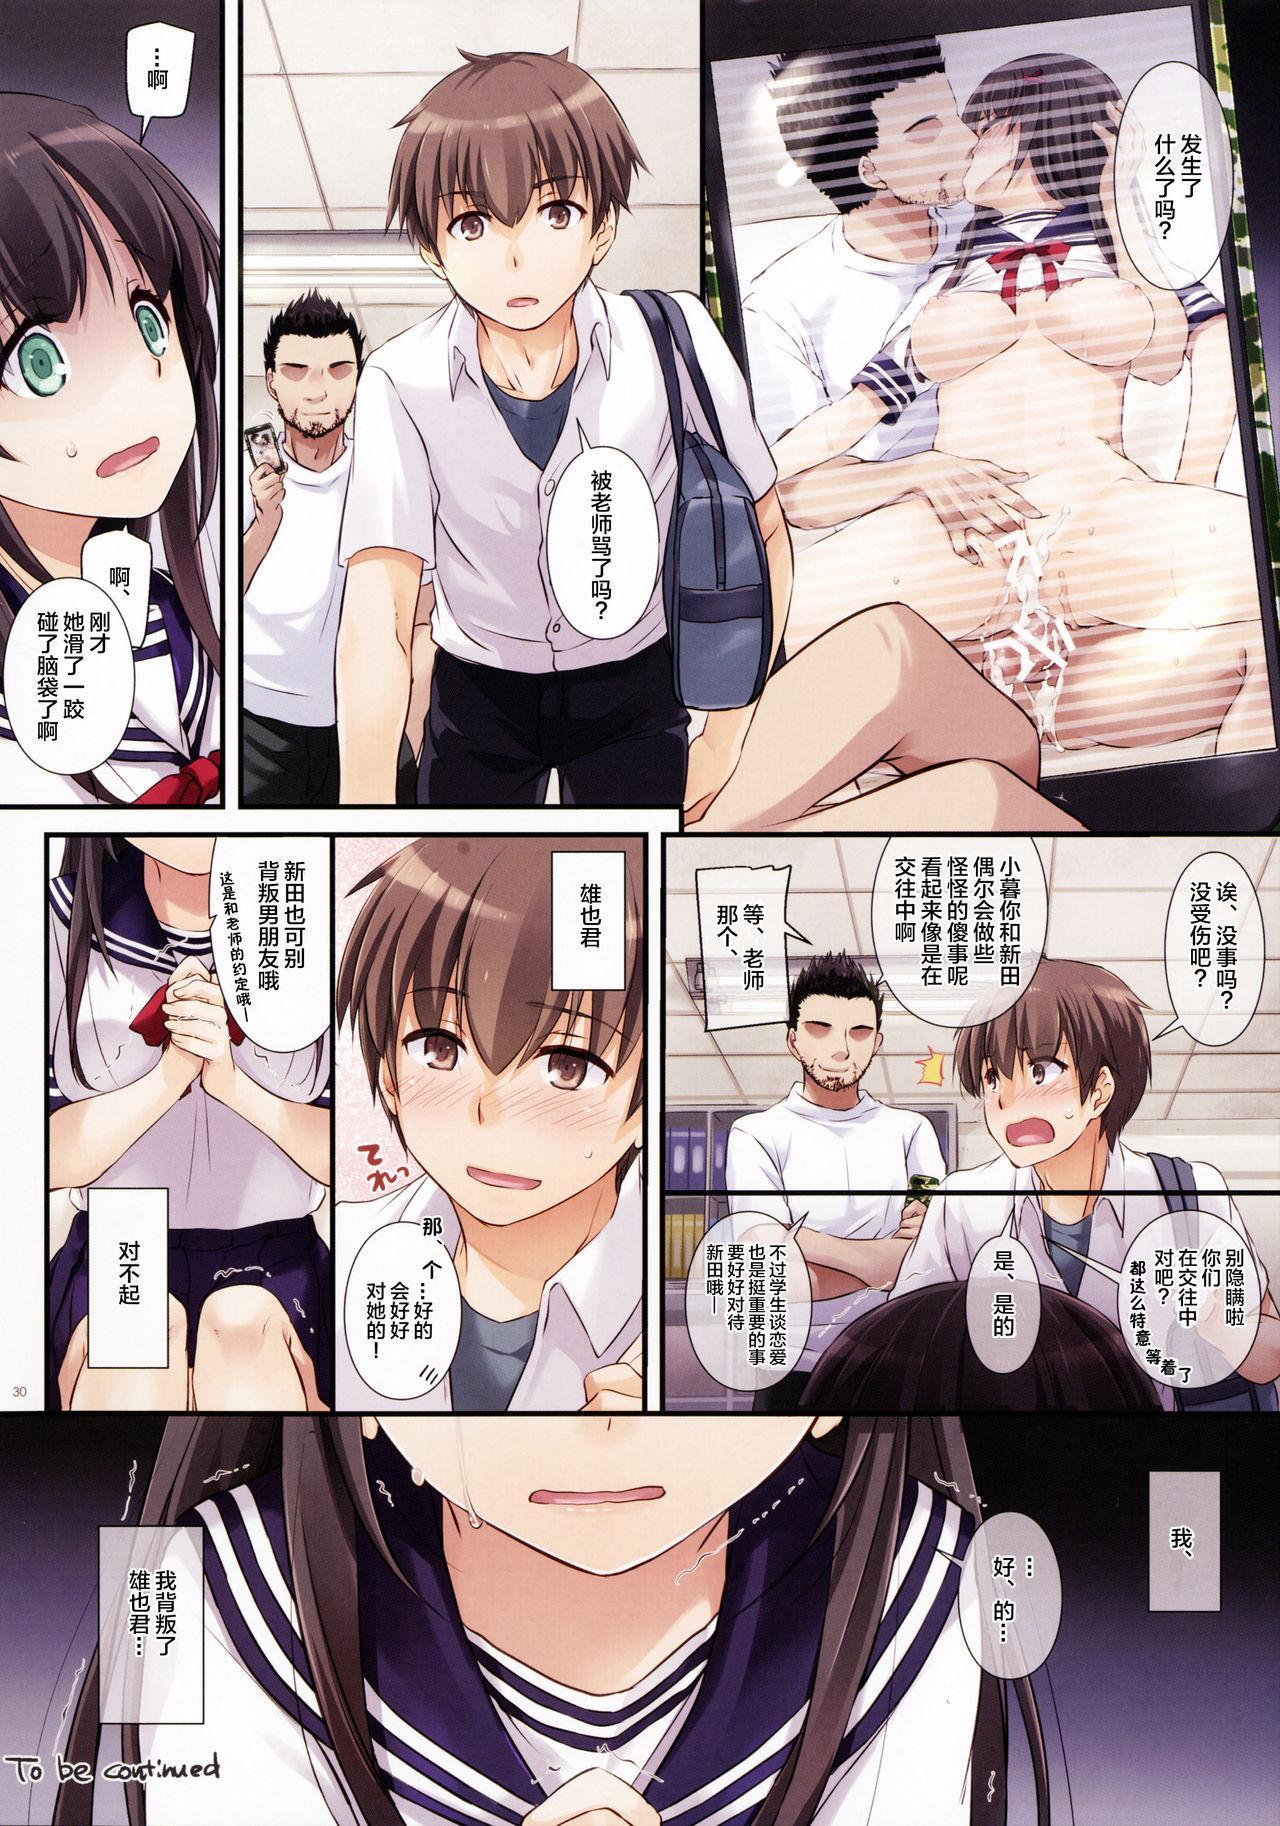 DLO-01 Kare to no Yakusoku 29